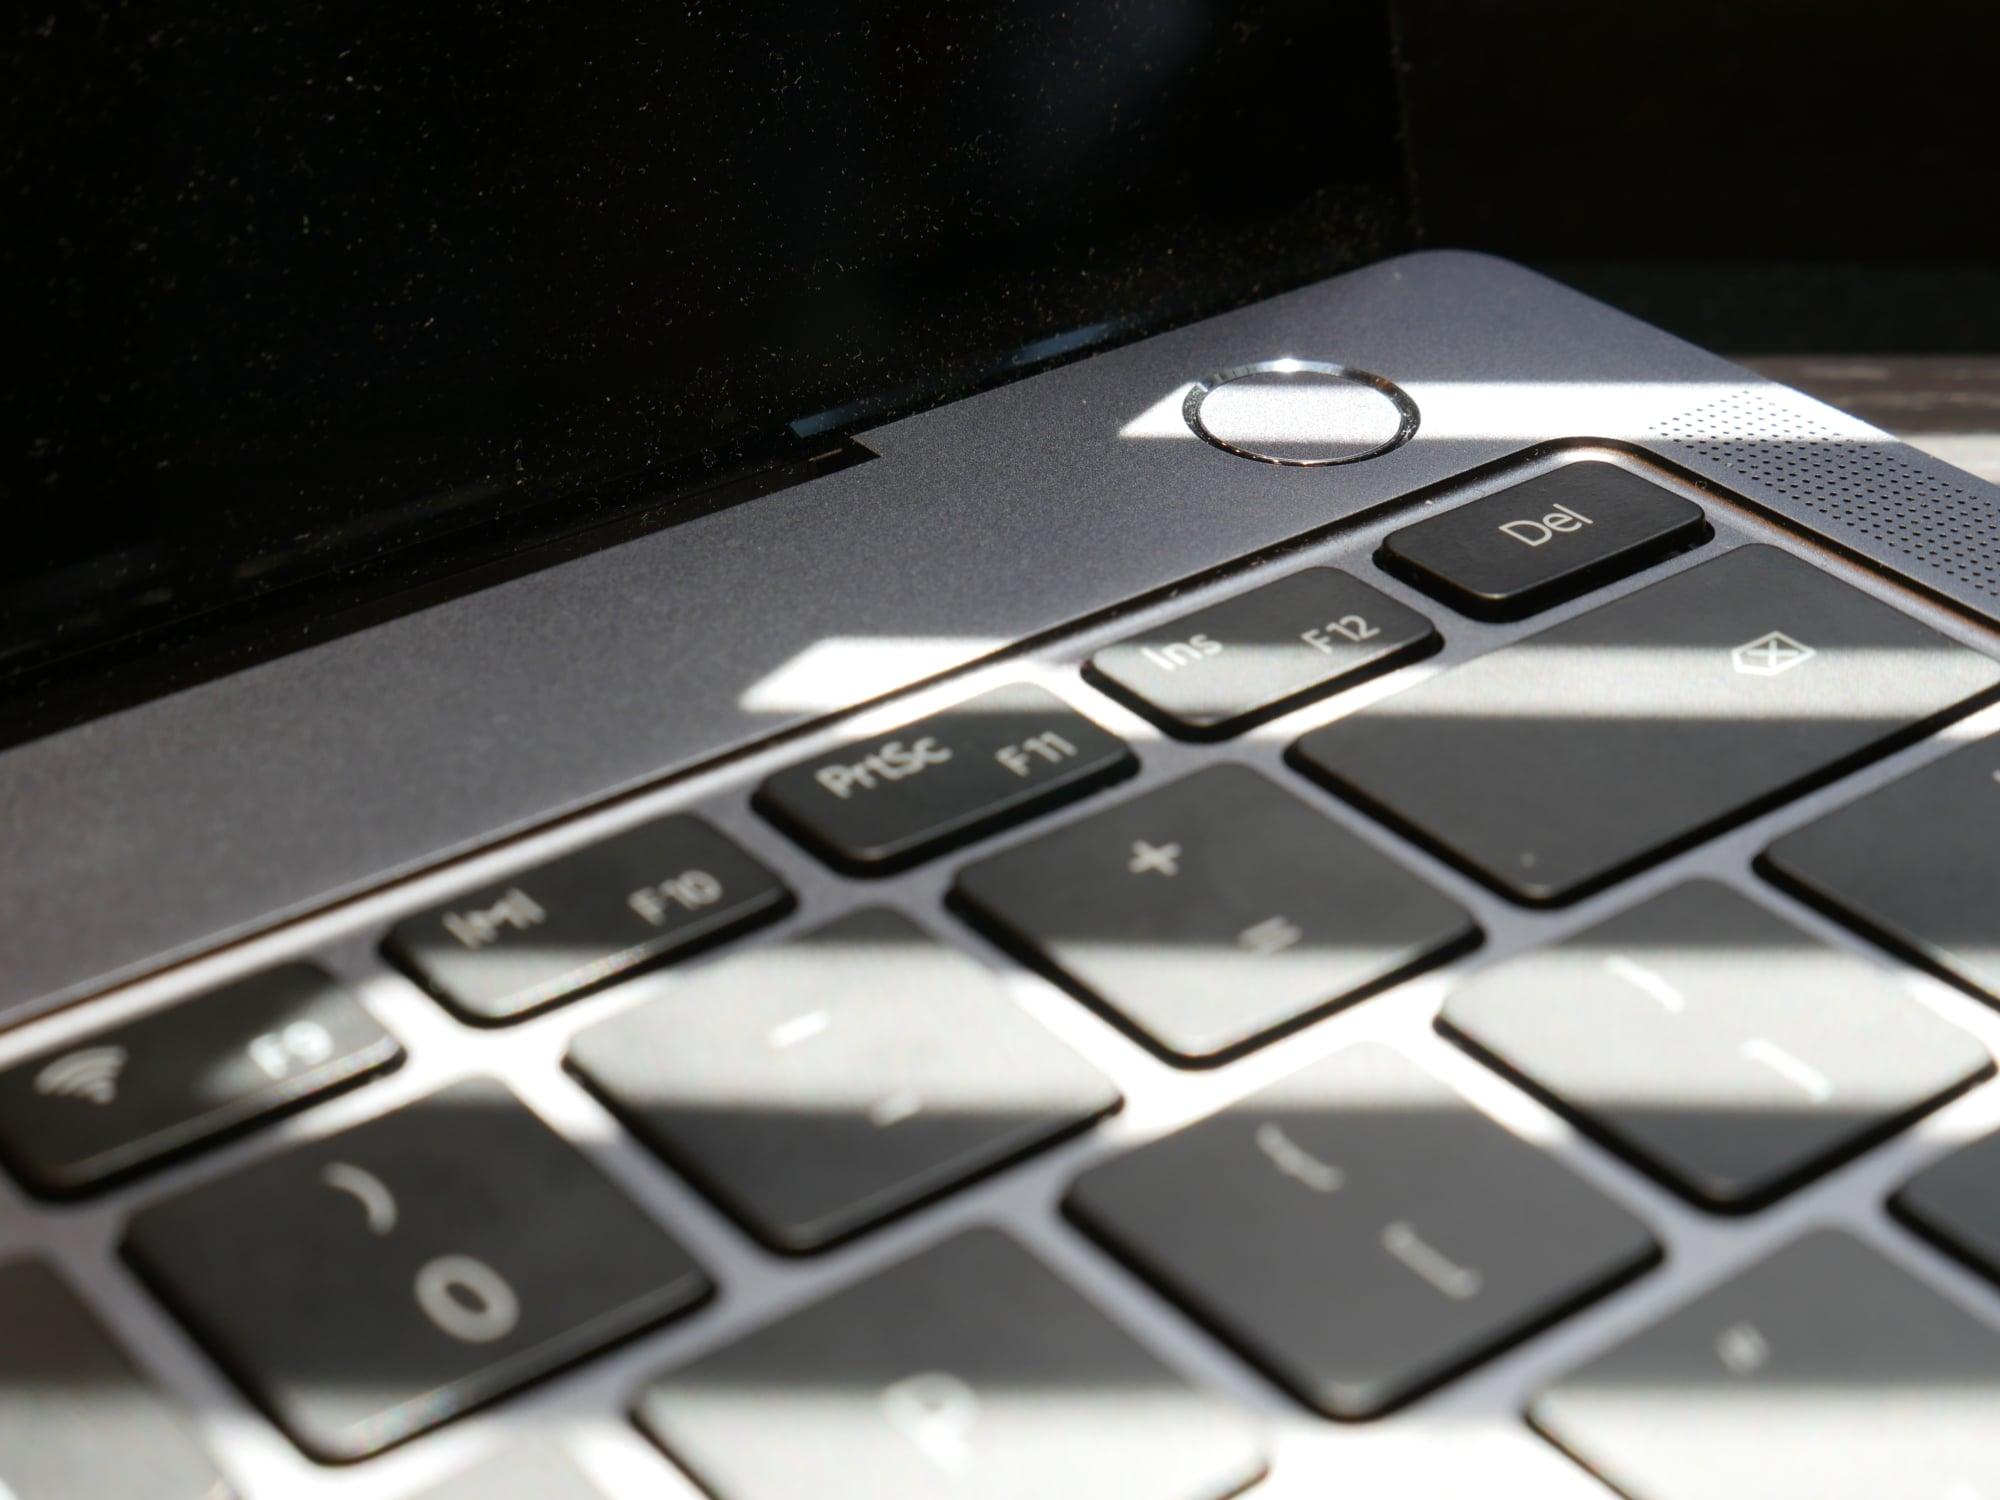 Tabletowo.pl Testuję Huawei Matebook X Pro - co chcecie o nim wiedzieć? (+mini konkurs) Huawei Laptopy Nowości Windows